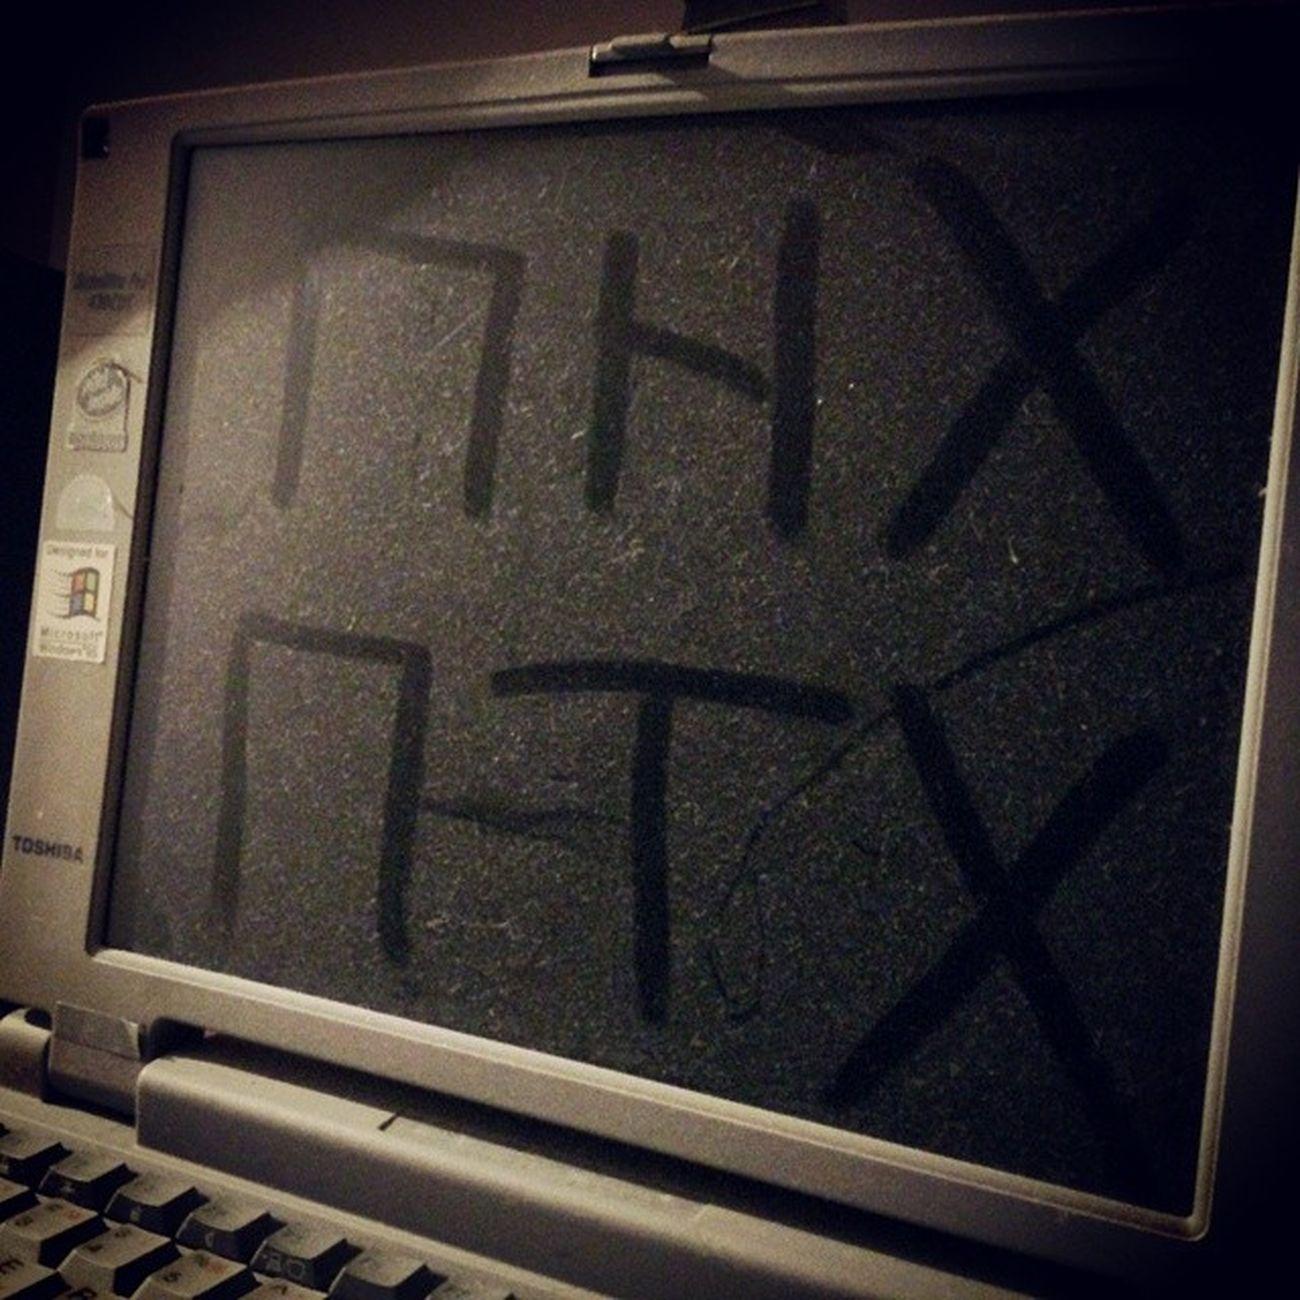 Аналоговое послание цифровому будущему. ноутбук прикол пнх Notebook fun toshiba old_computer